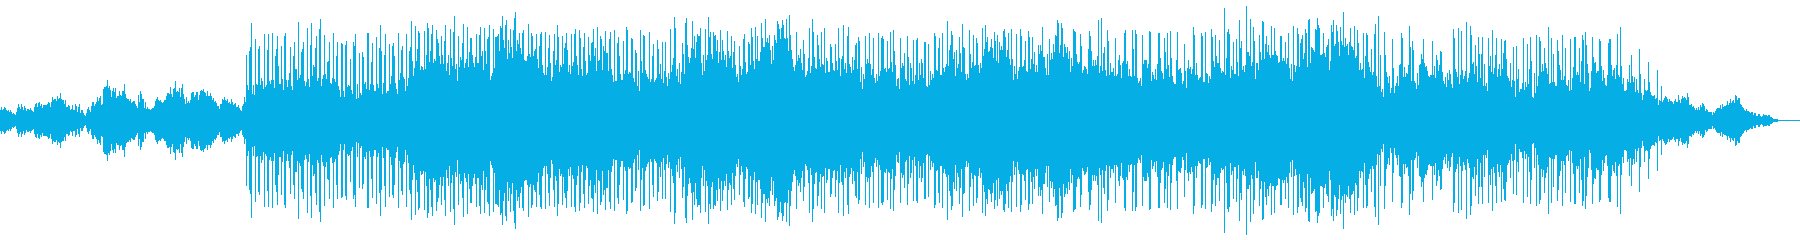 アンビエント センチメンタル 技術...の再生済みの波形